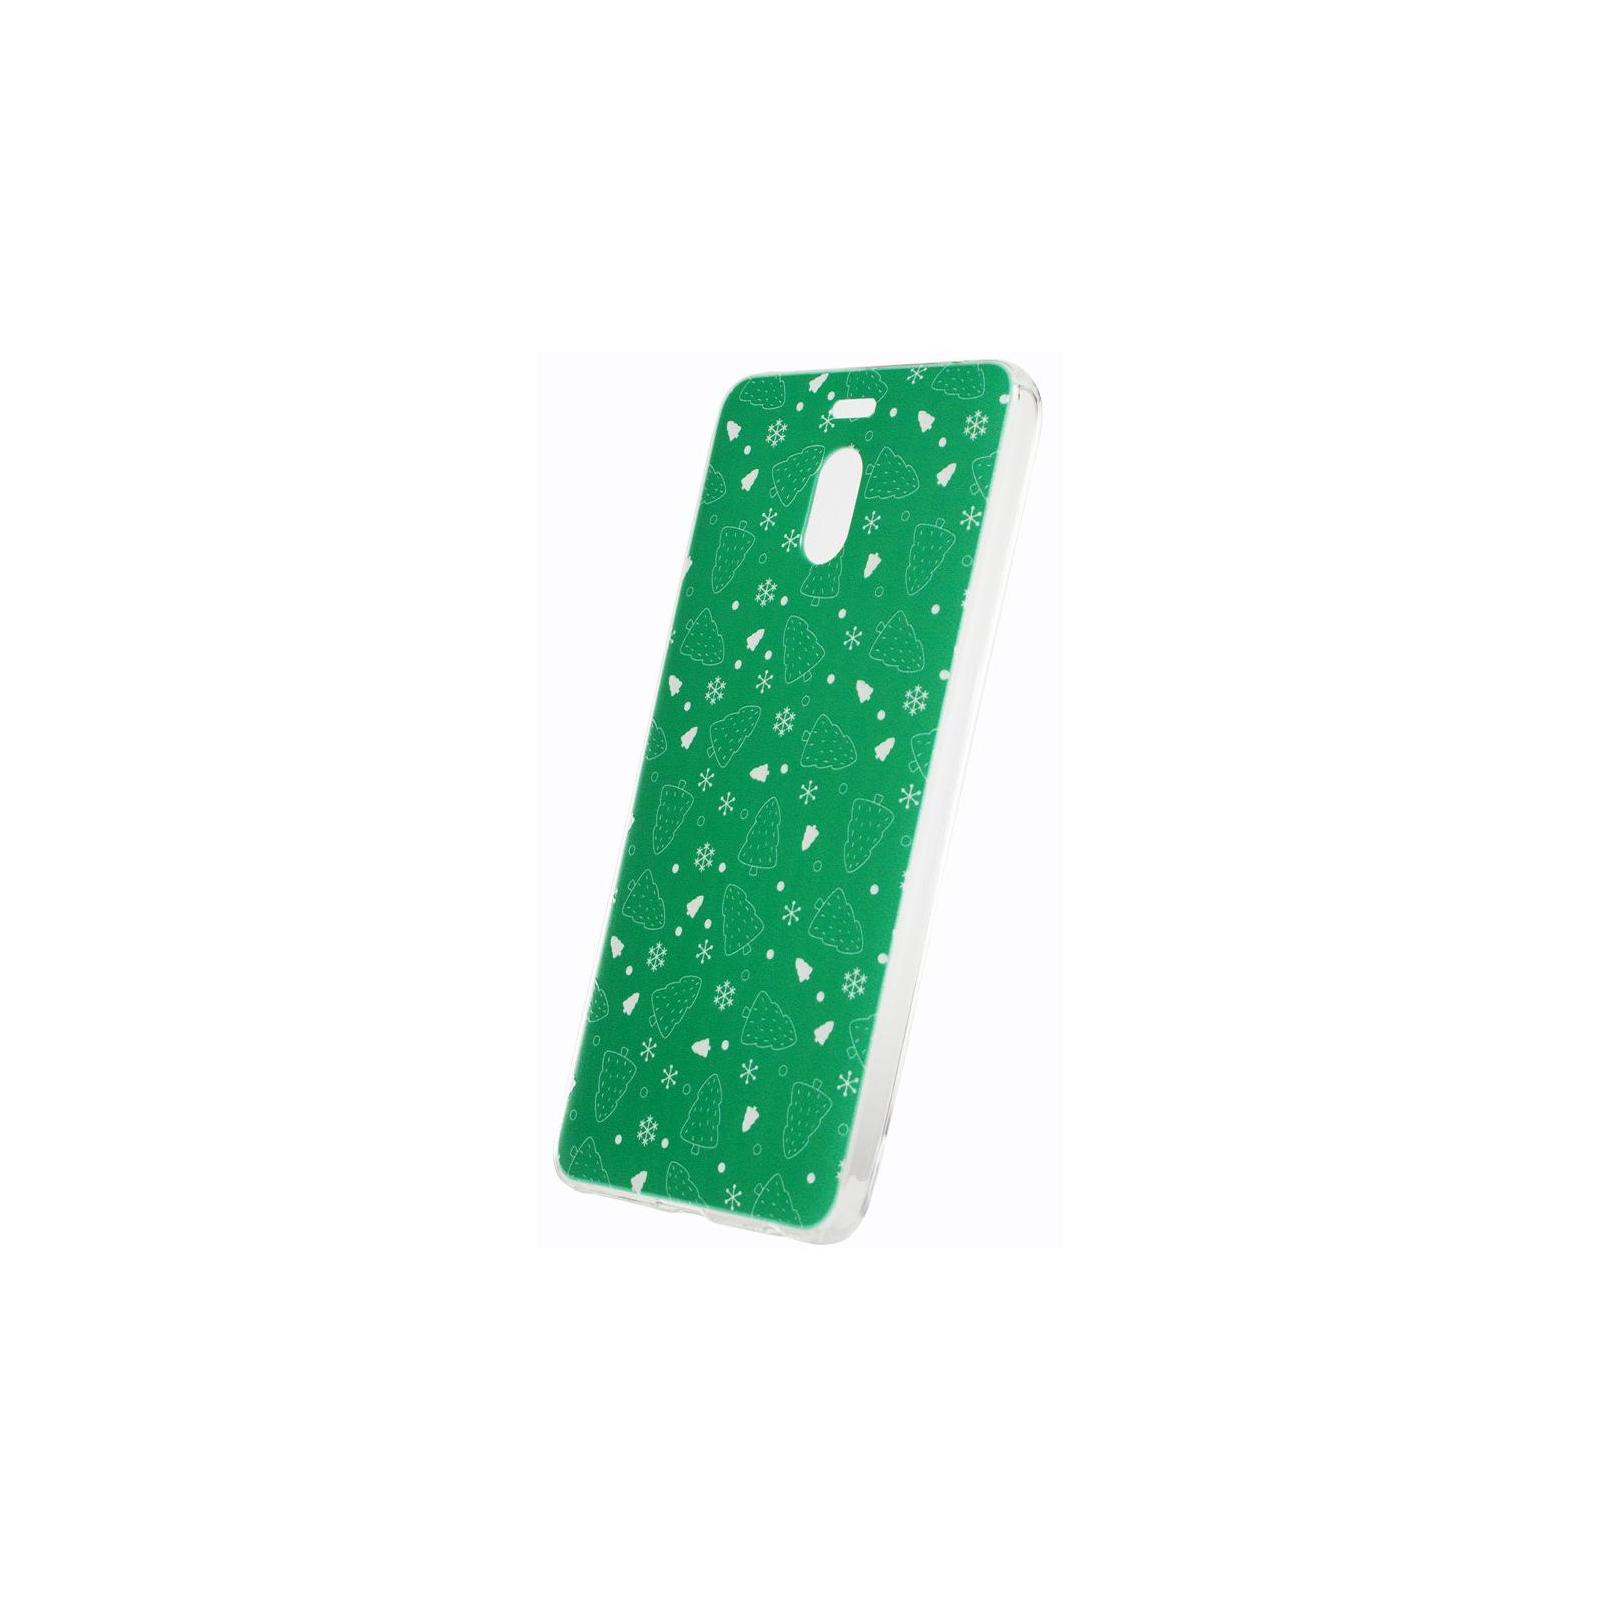 Чехол для моб. телефона Colorway ultrathin TPU case for Meizu M6 Note, pic. А018 (CW-CTPMM6N-TRP) изображение 2